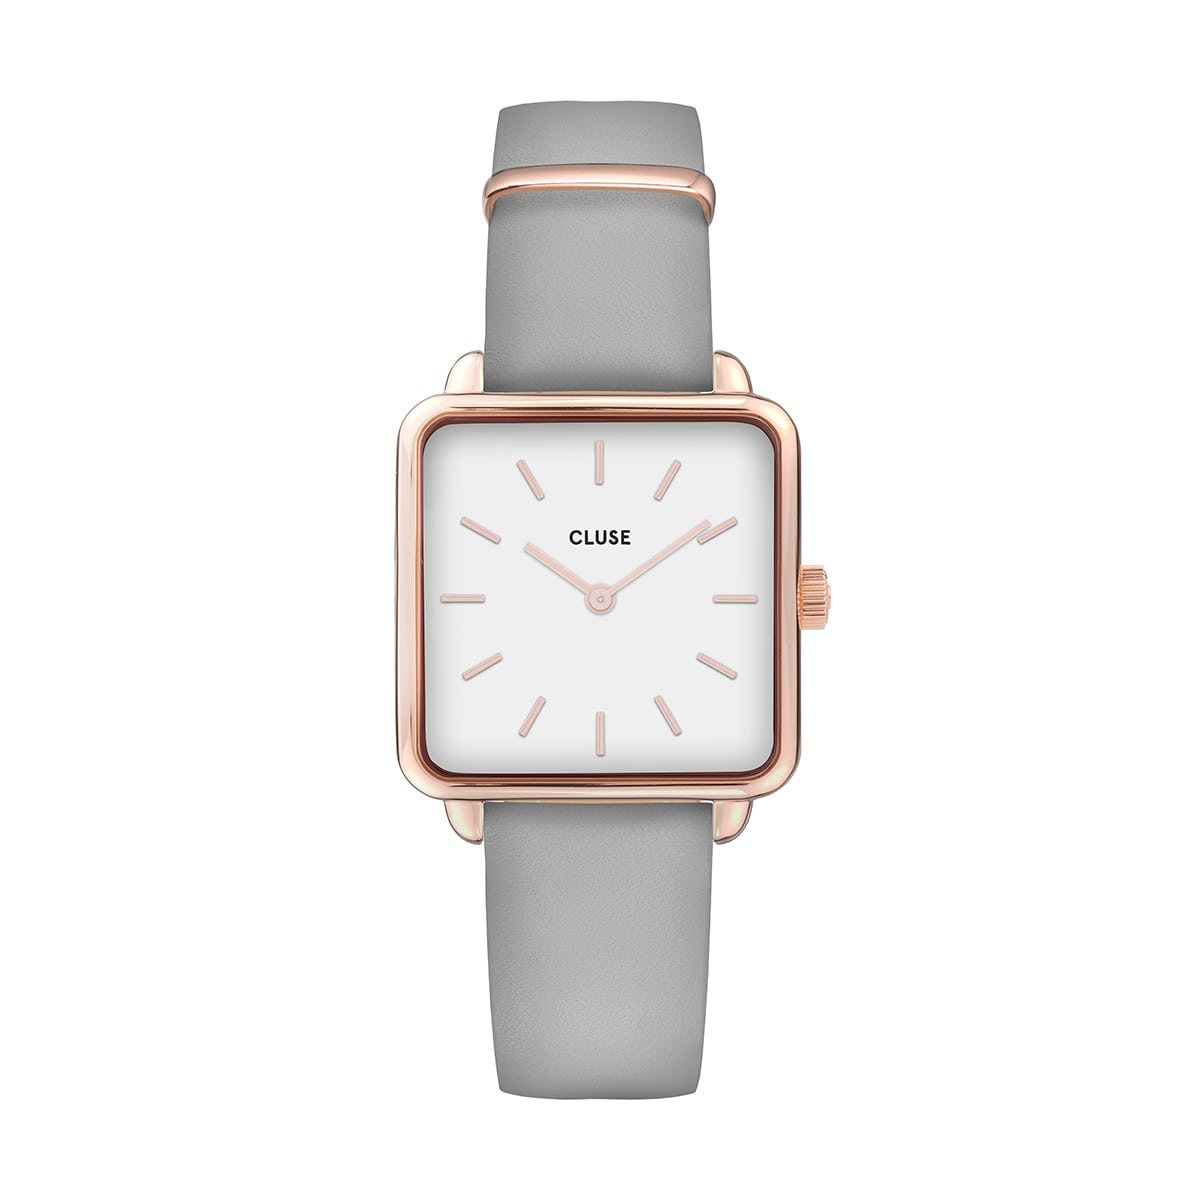 ラ・テトラゴン 28.5mm CLUSE クルース 腕時計